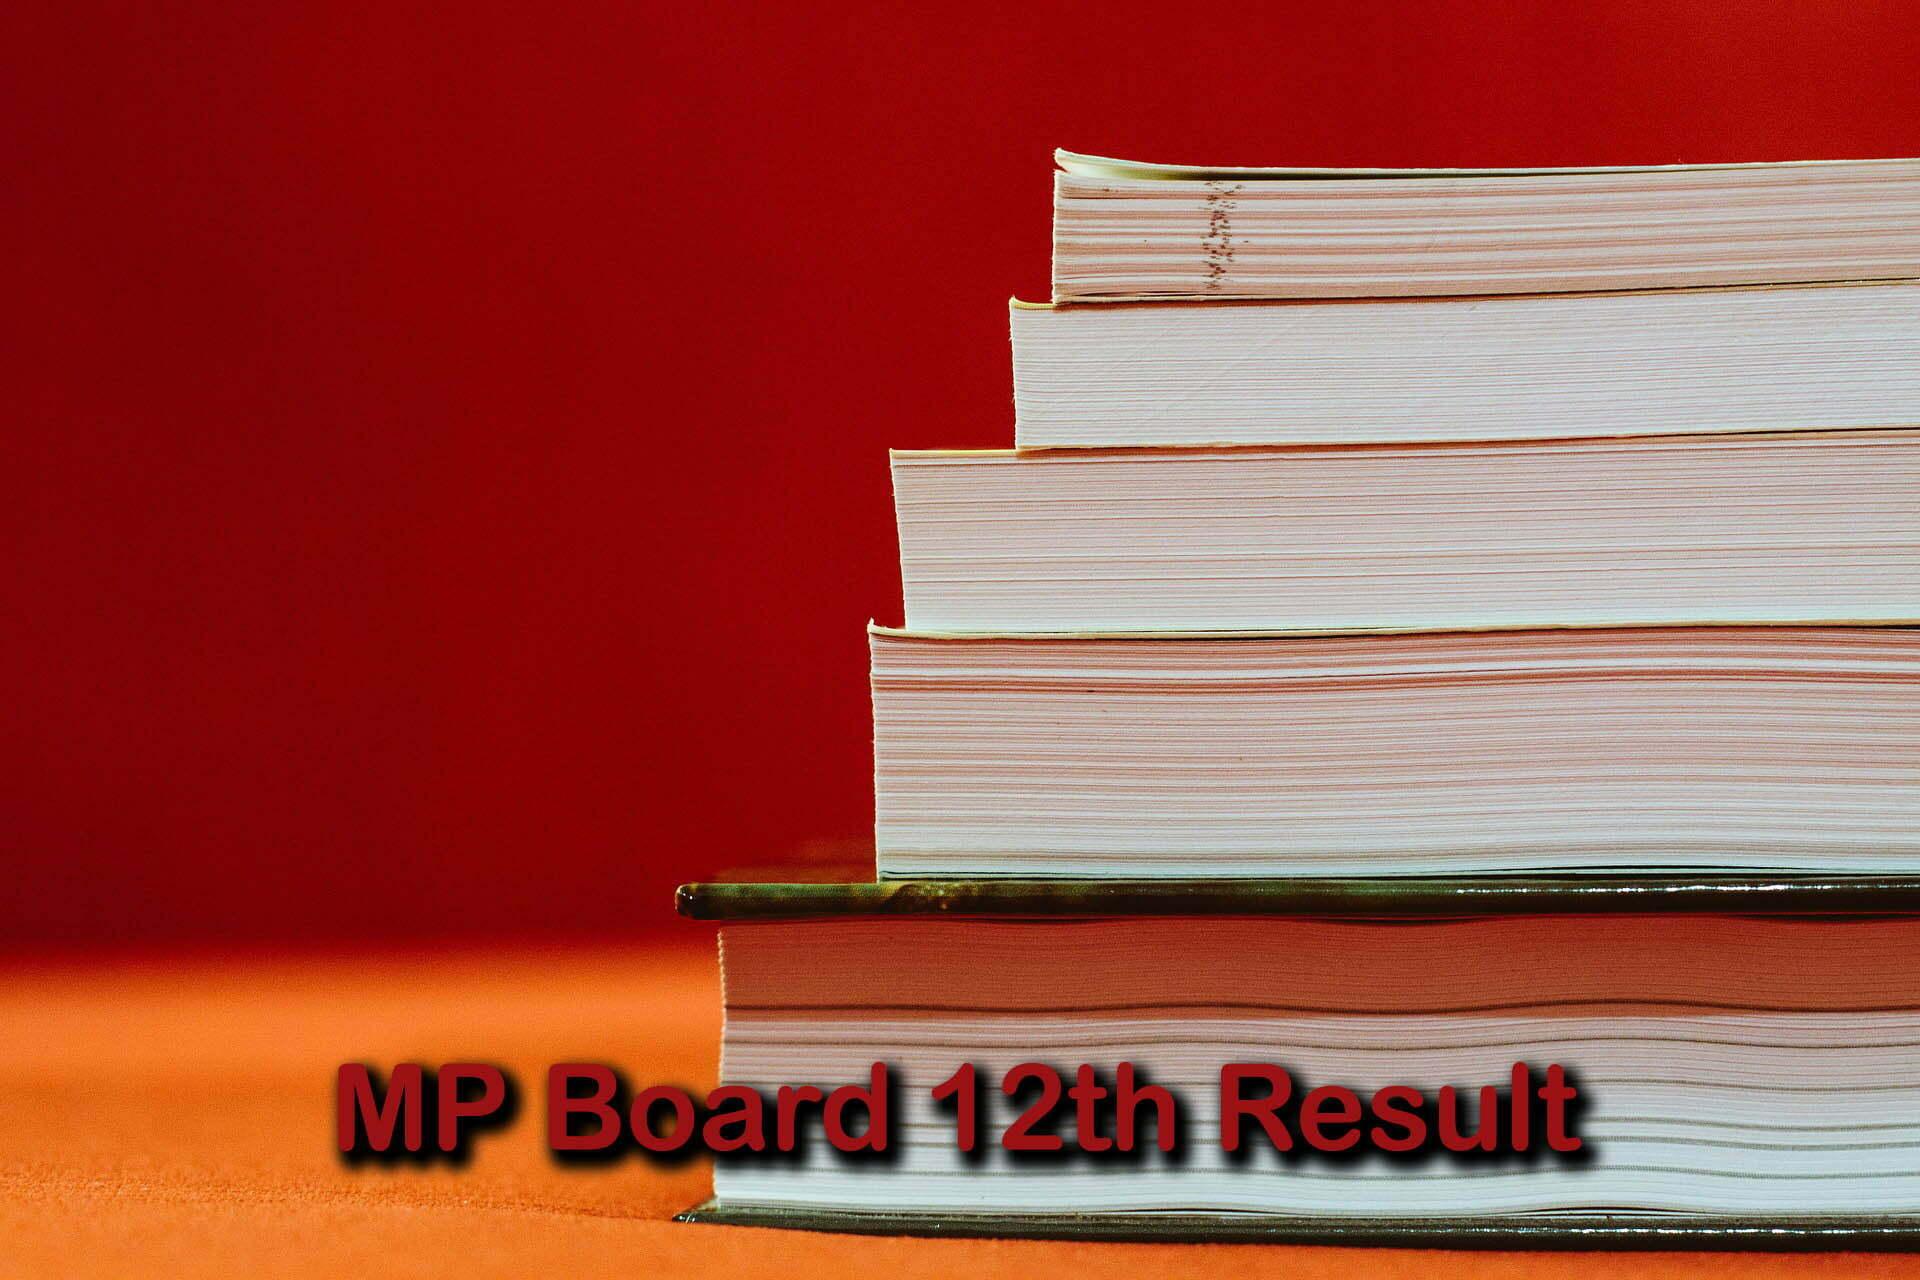 MP Board 12th Result